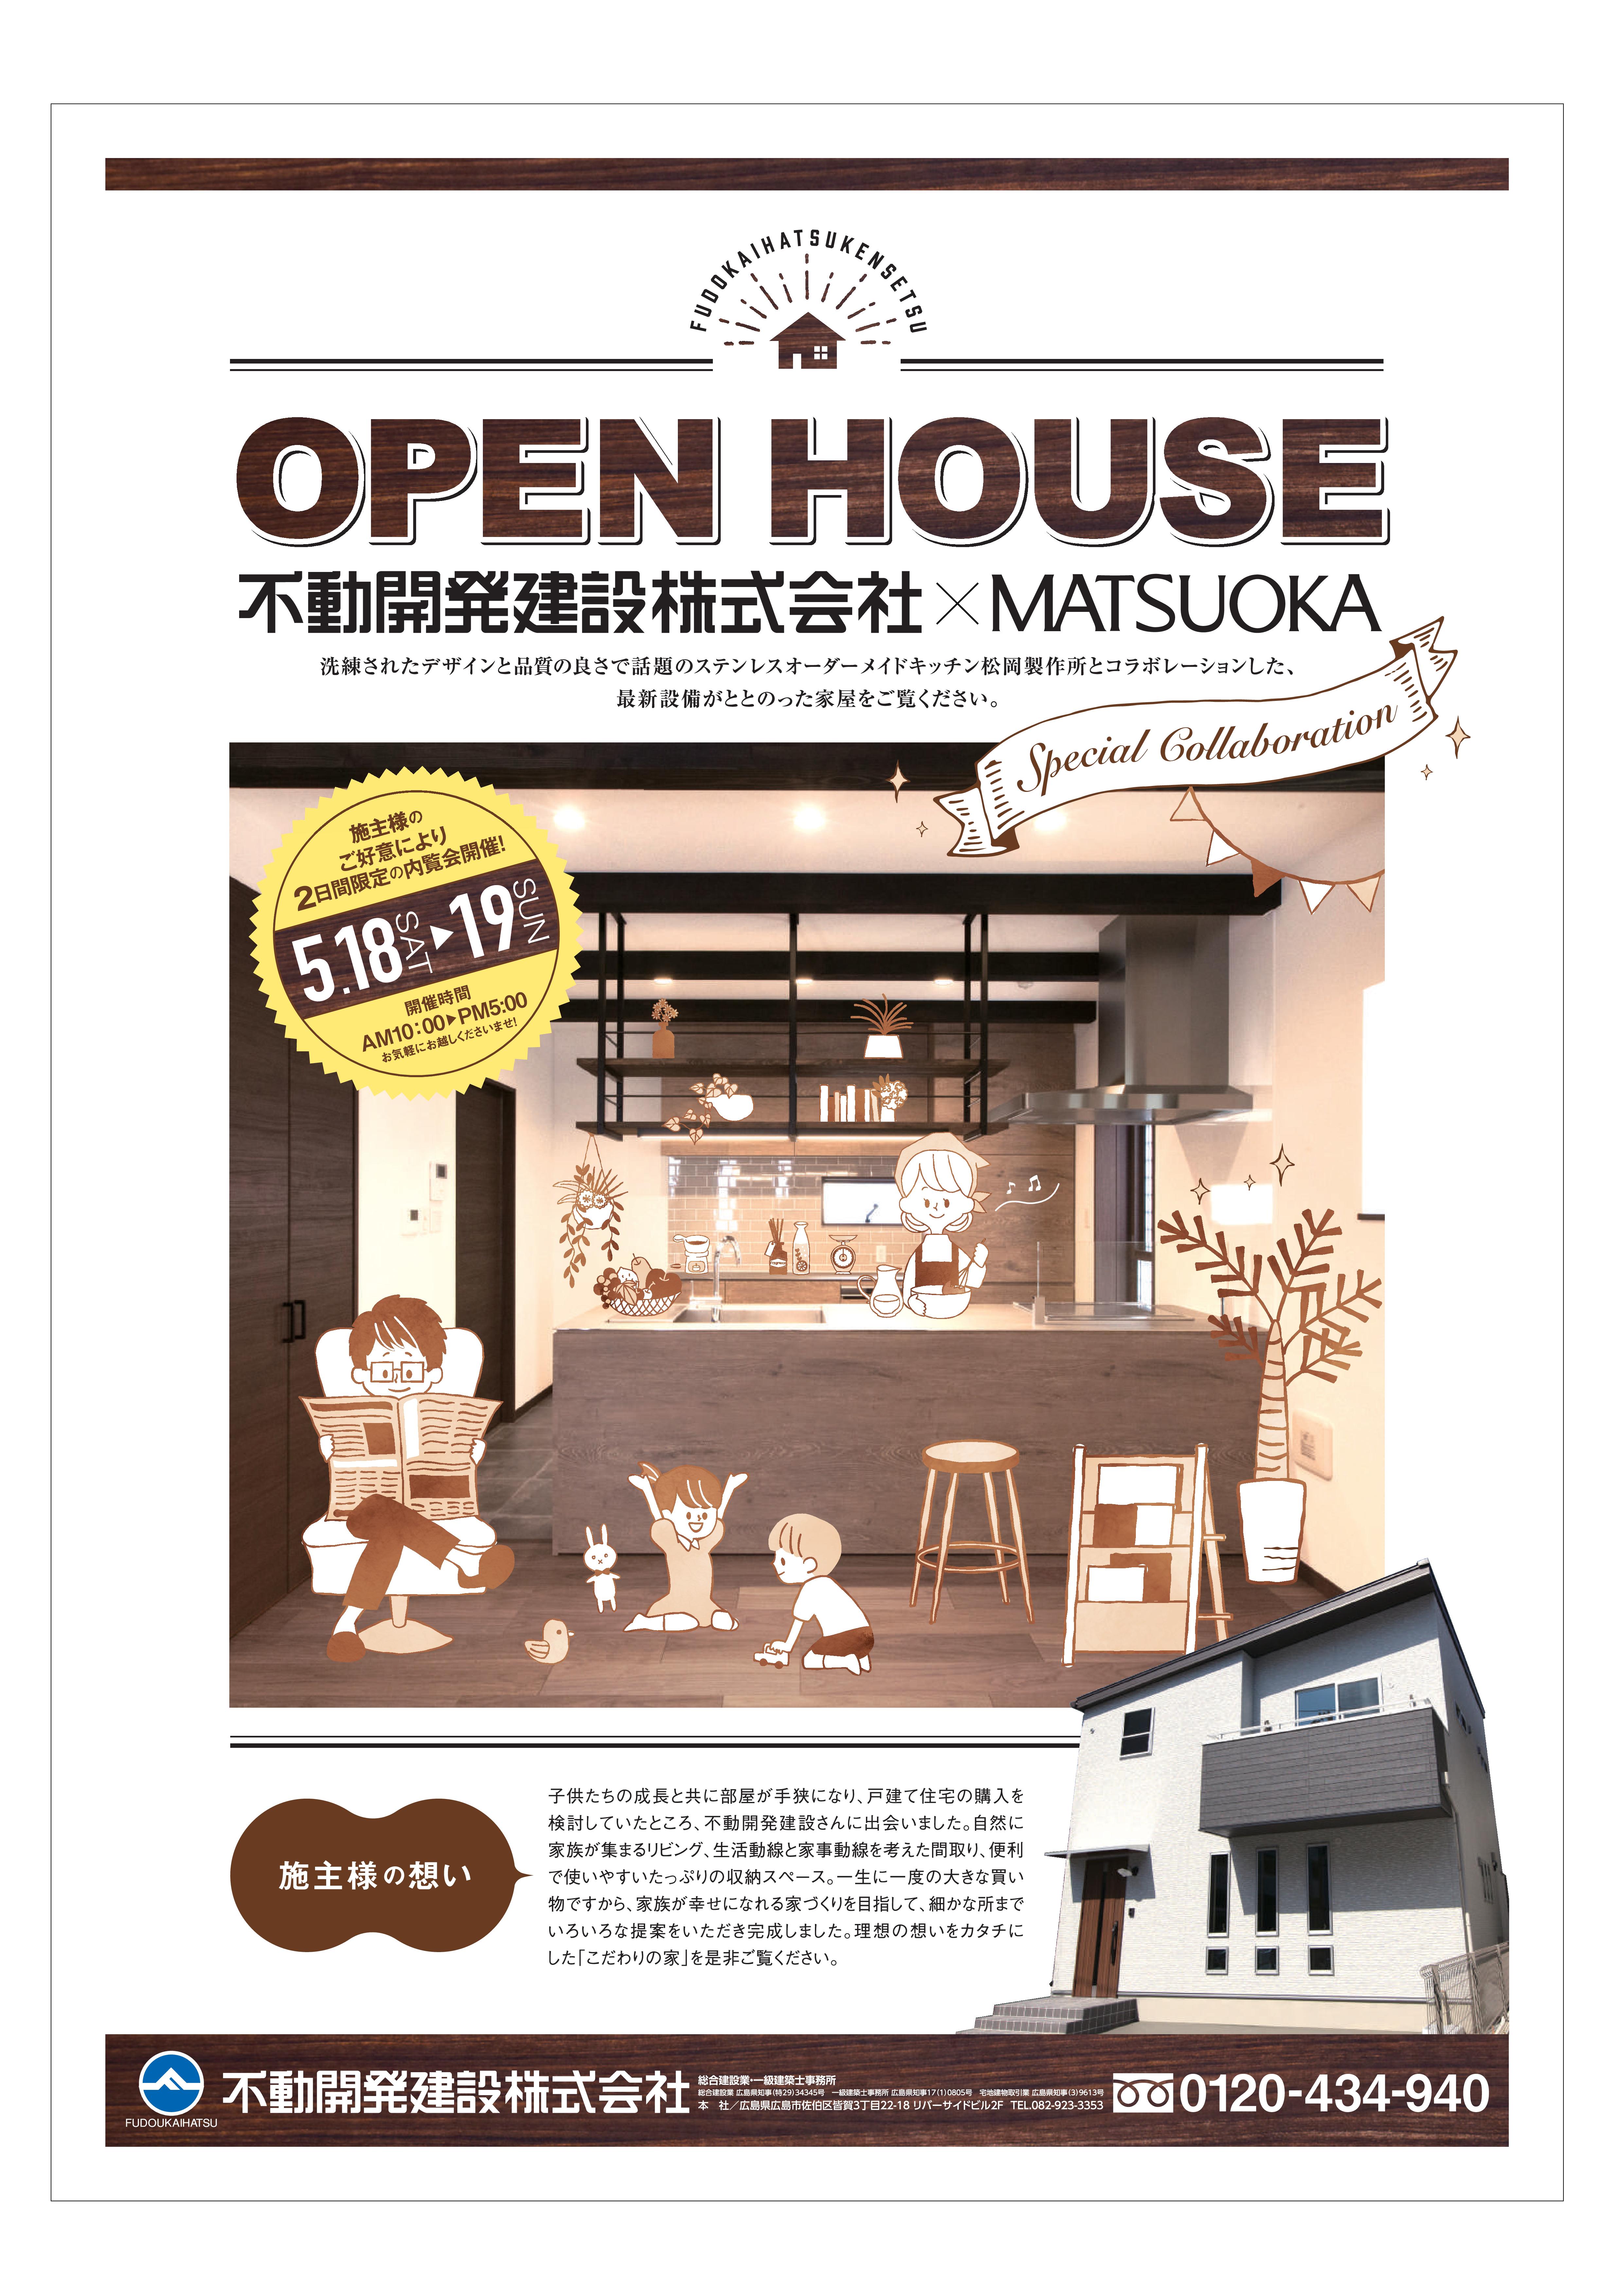 オープンハウス(2019-5)開催のお知らせ